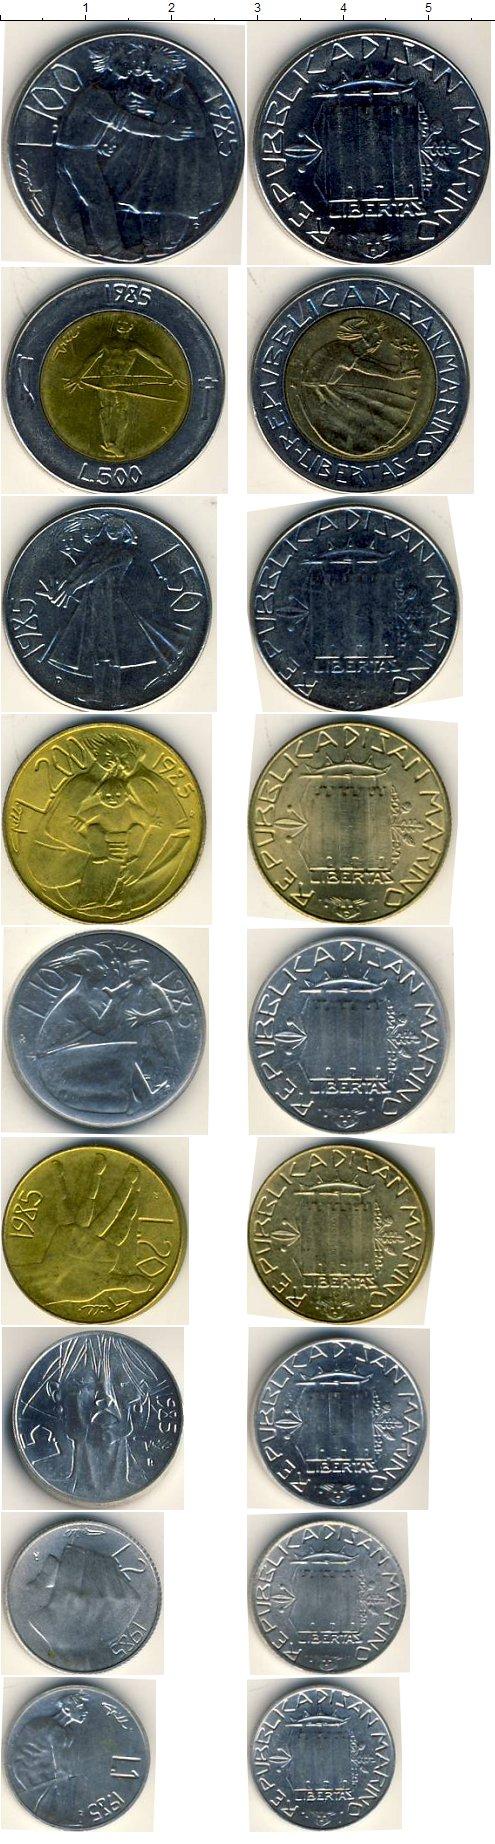 Картинка Наборы монет Сан-Марино Набор 1985 года  1985